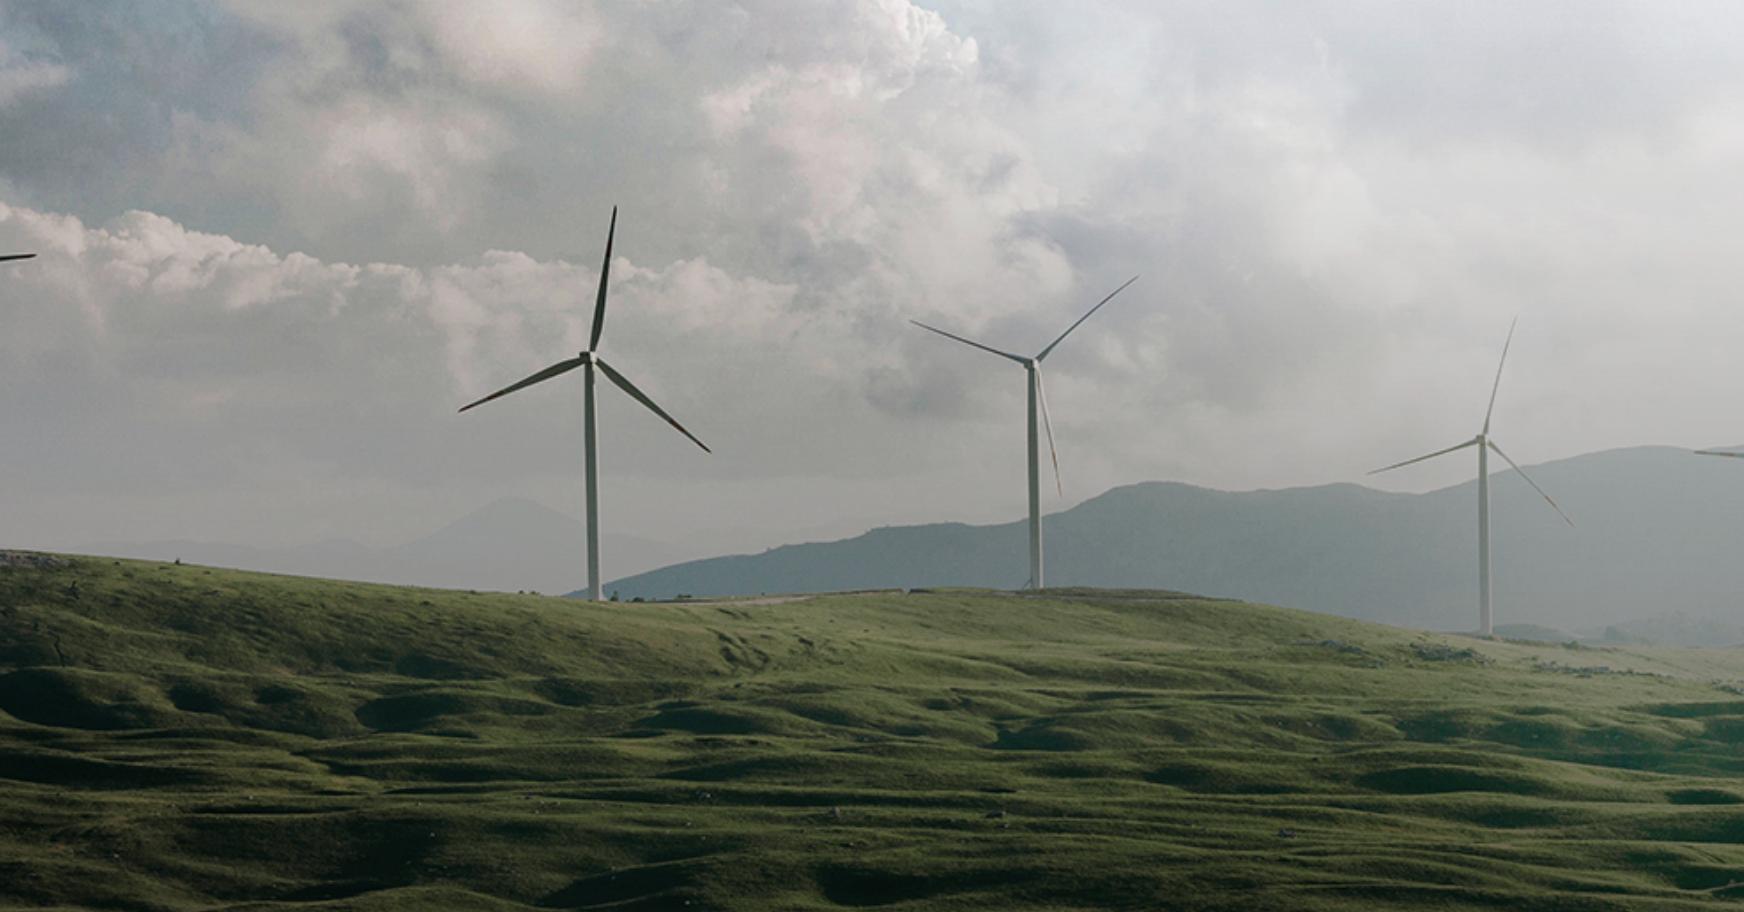 Германия стала первой крупной экономикой, которая отказывается от угля и ядерной энергетики